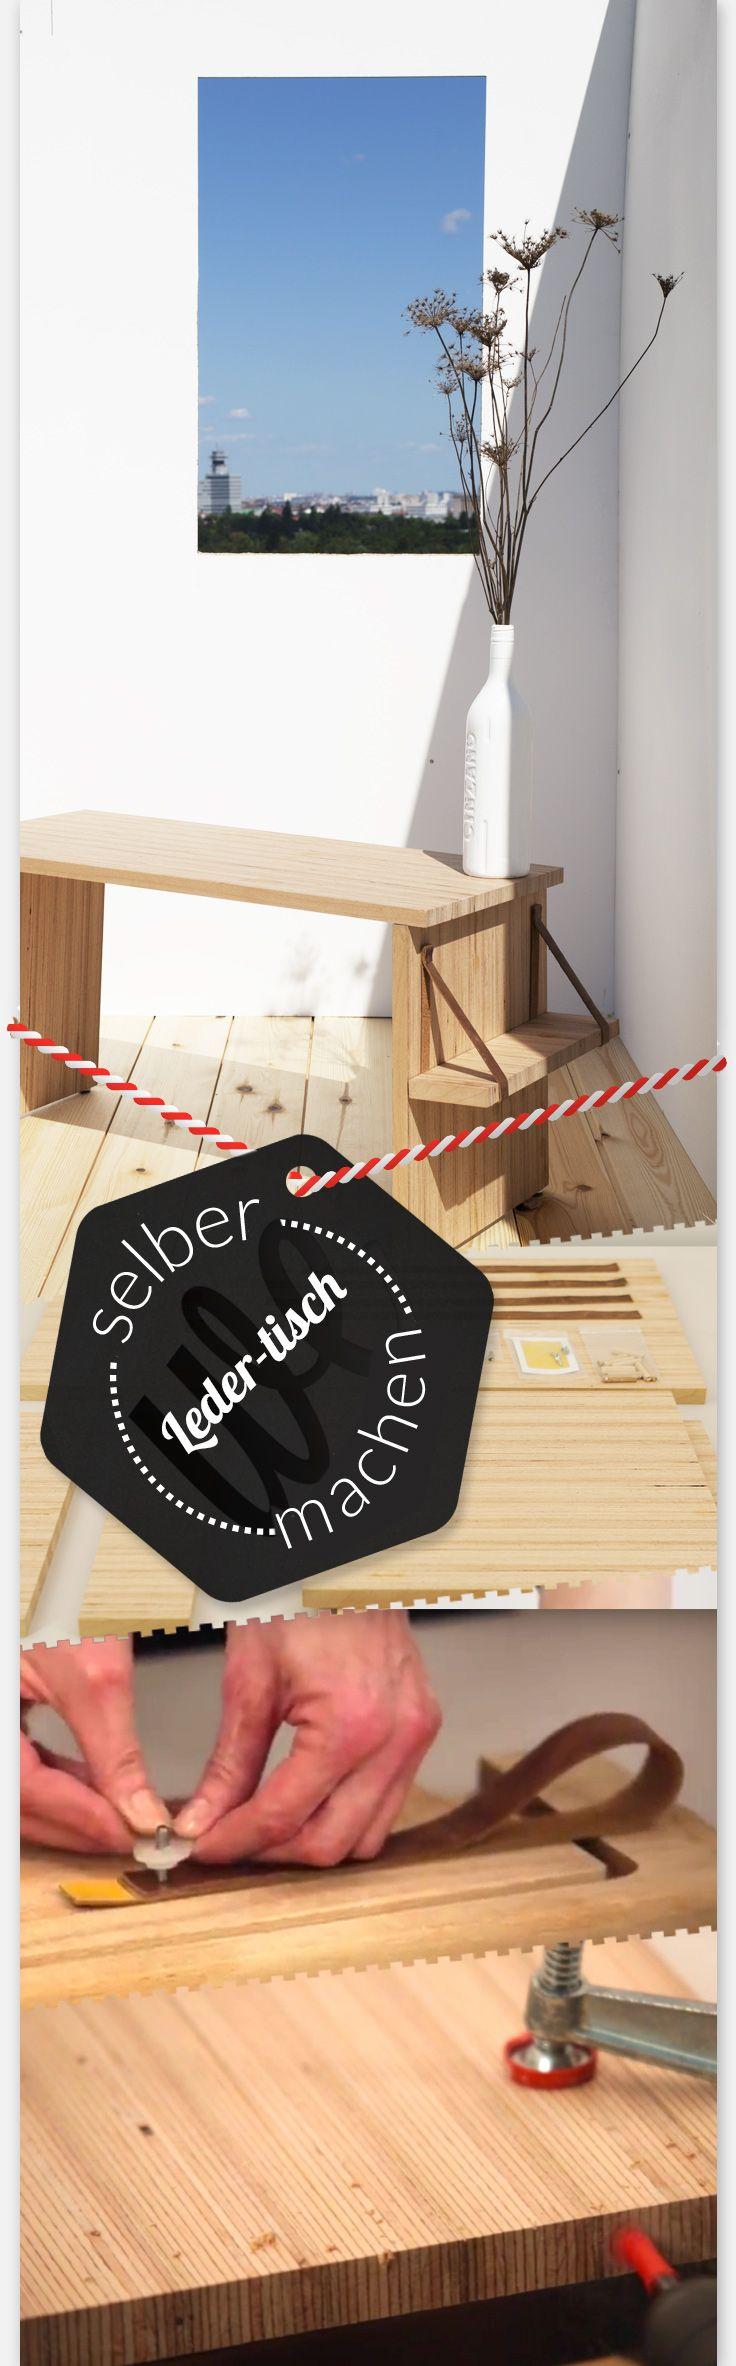 1000+ ideas about Selber Machen Couchtisch on Pinterest ...